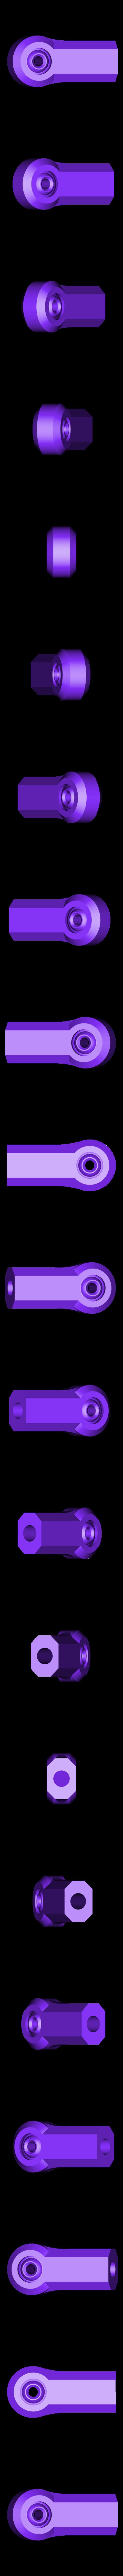 TIE_ROD_ENDS_v3.stl Download free STL file Tie Rod Ends • 3D printer model, MuSSy